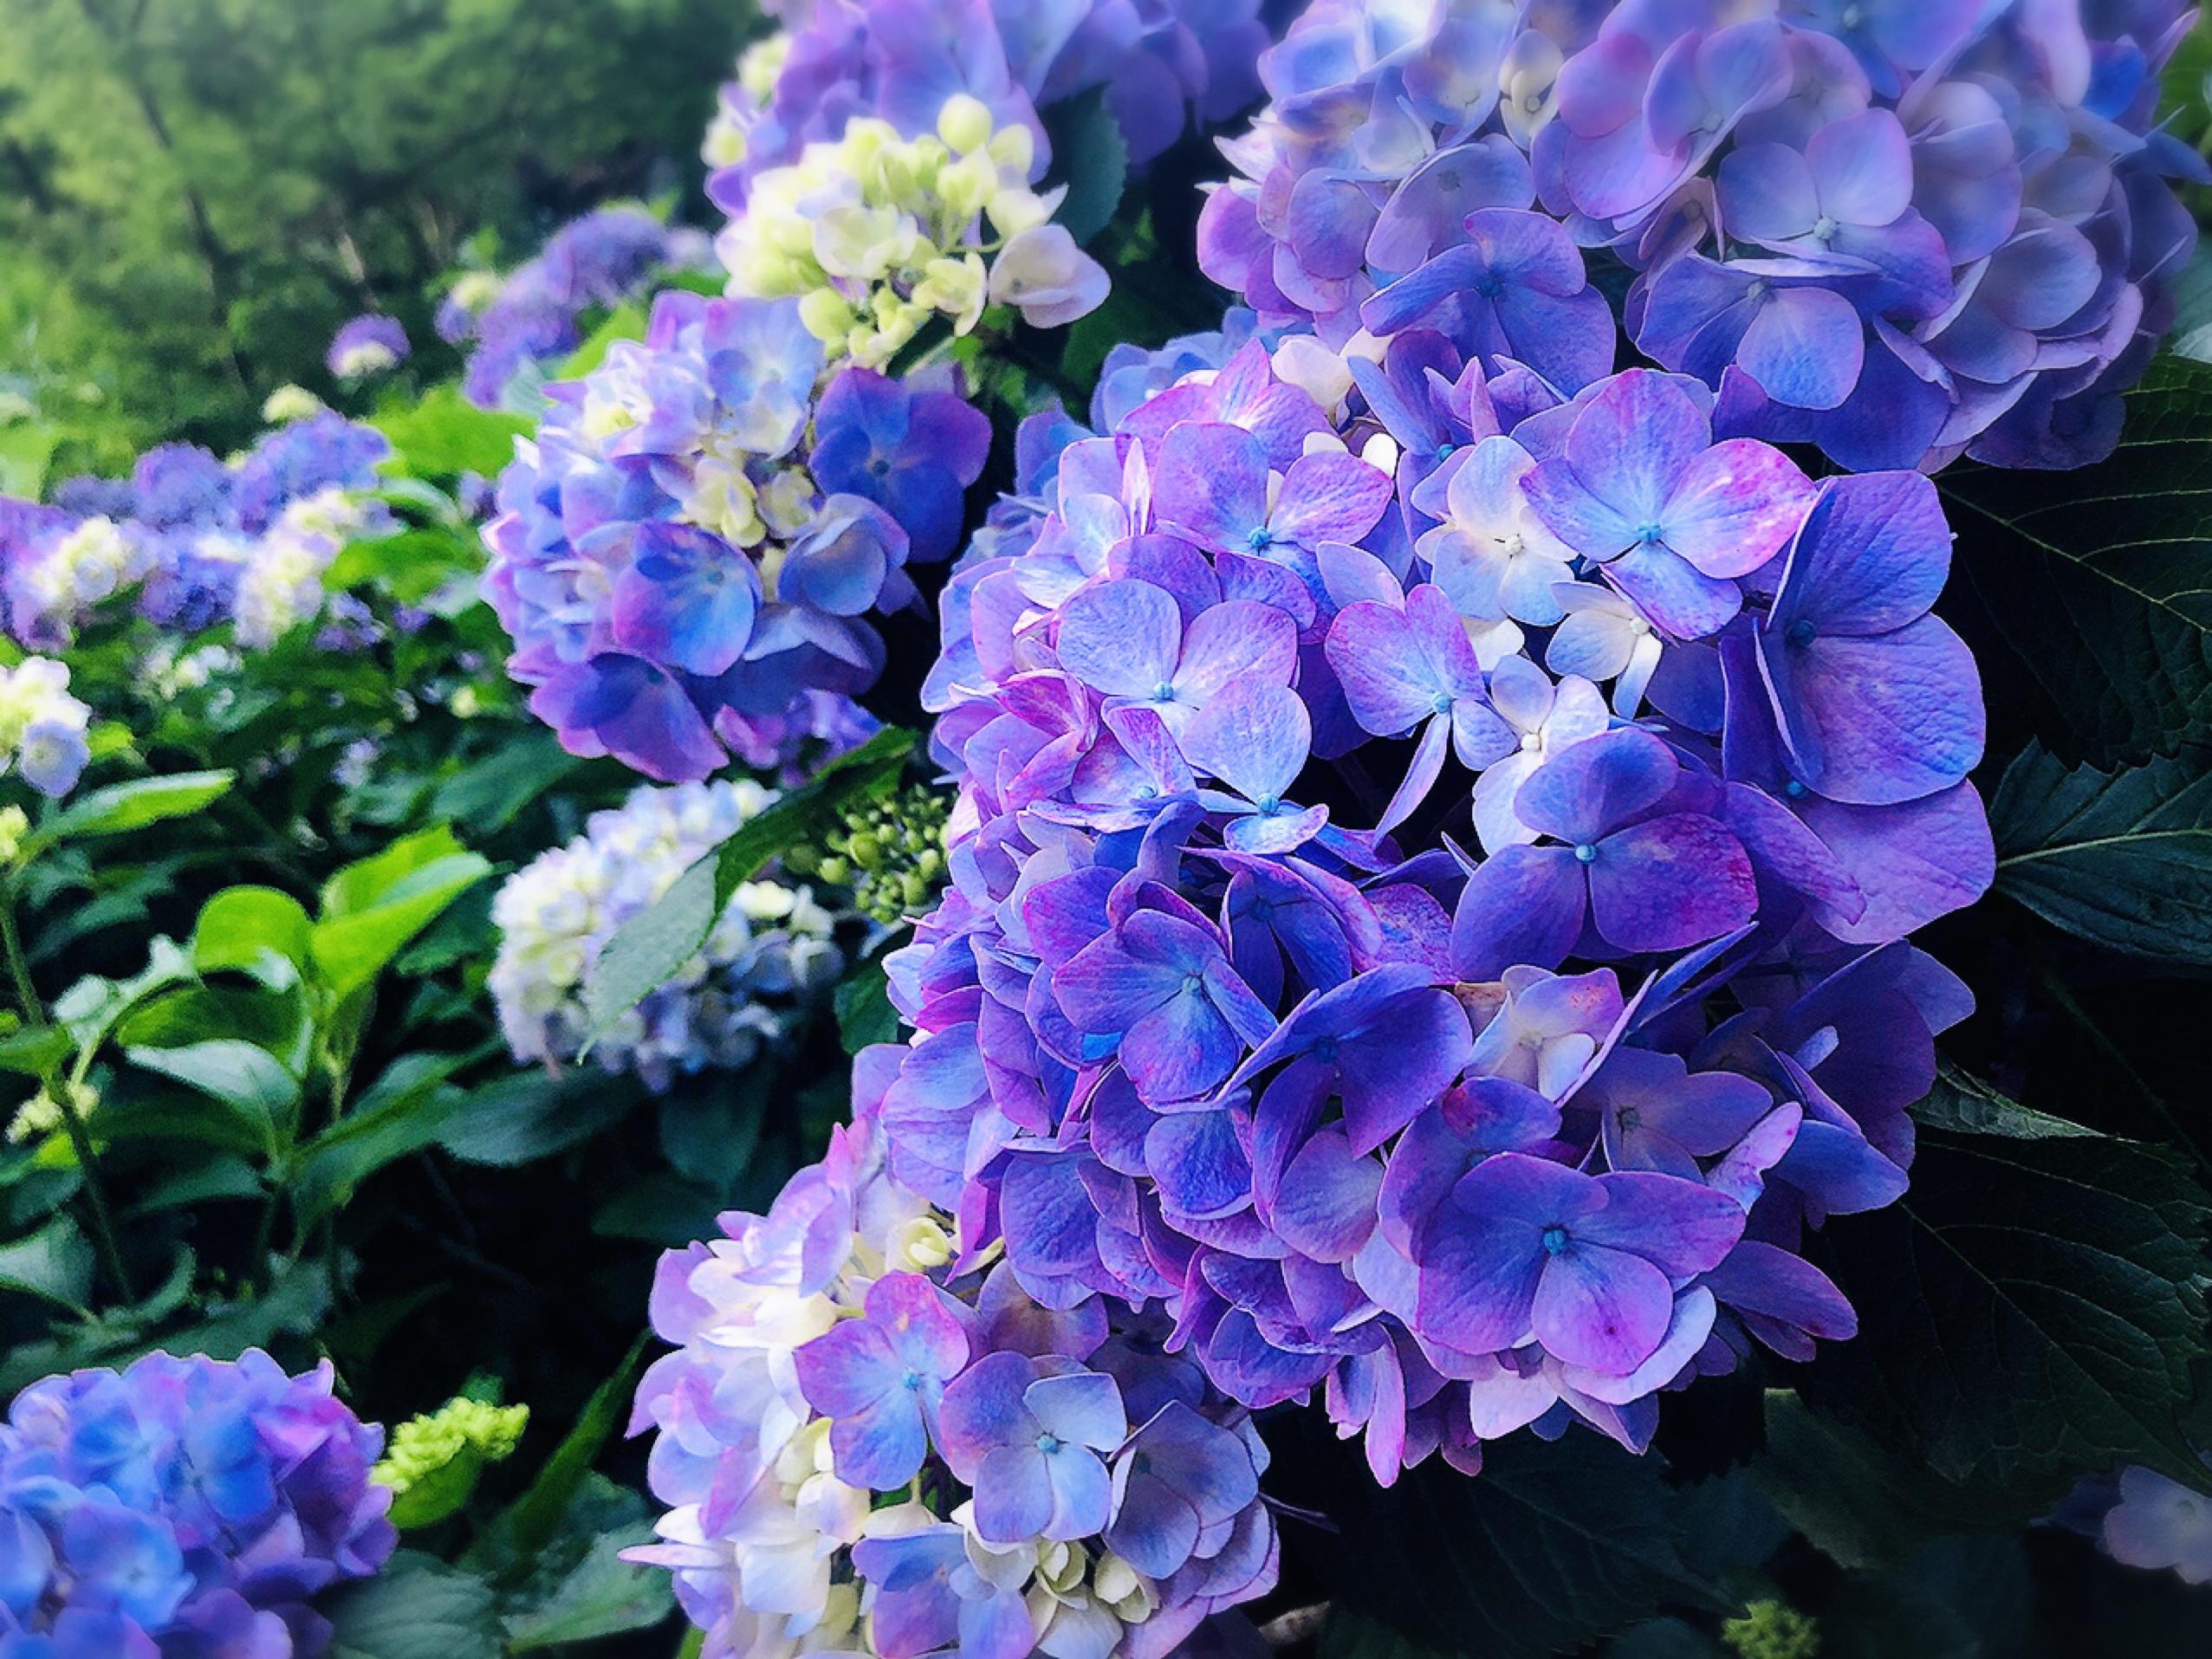 【#静岡】シーズン真っ只中♡4000株の満開のアジサイが可愛すぎる癒し空間へ行ってきました❁_9